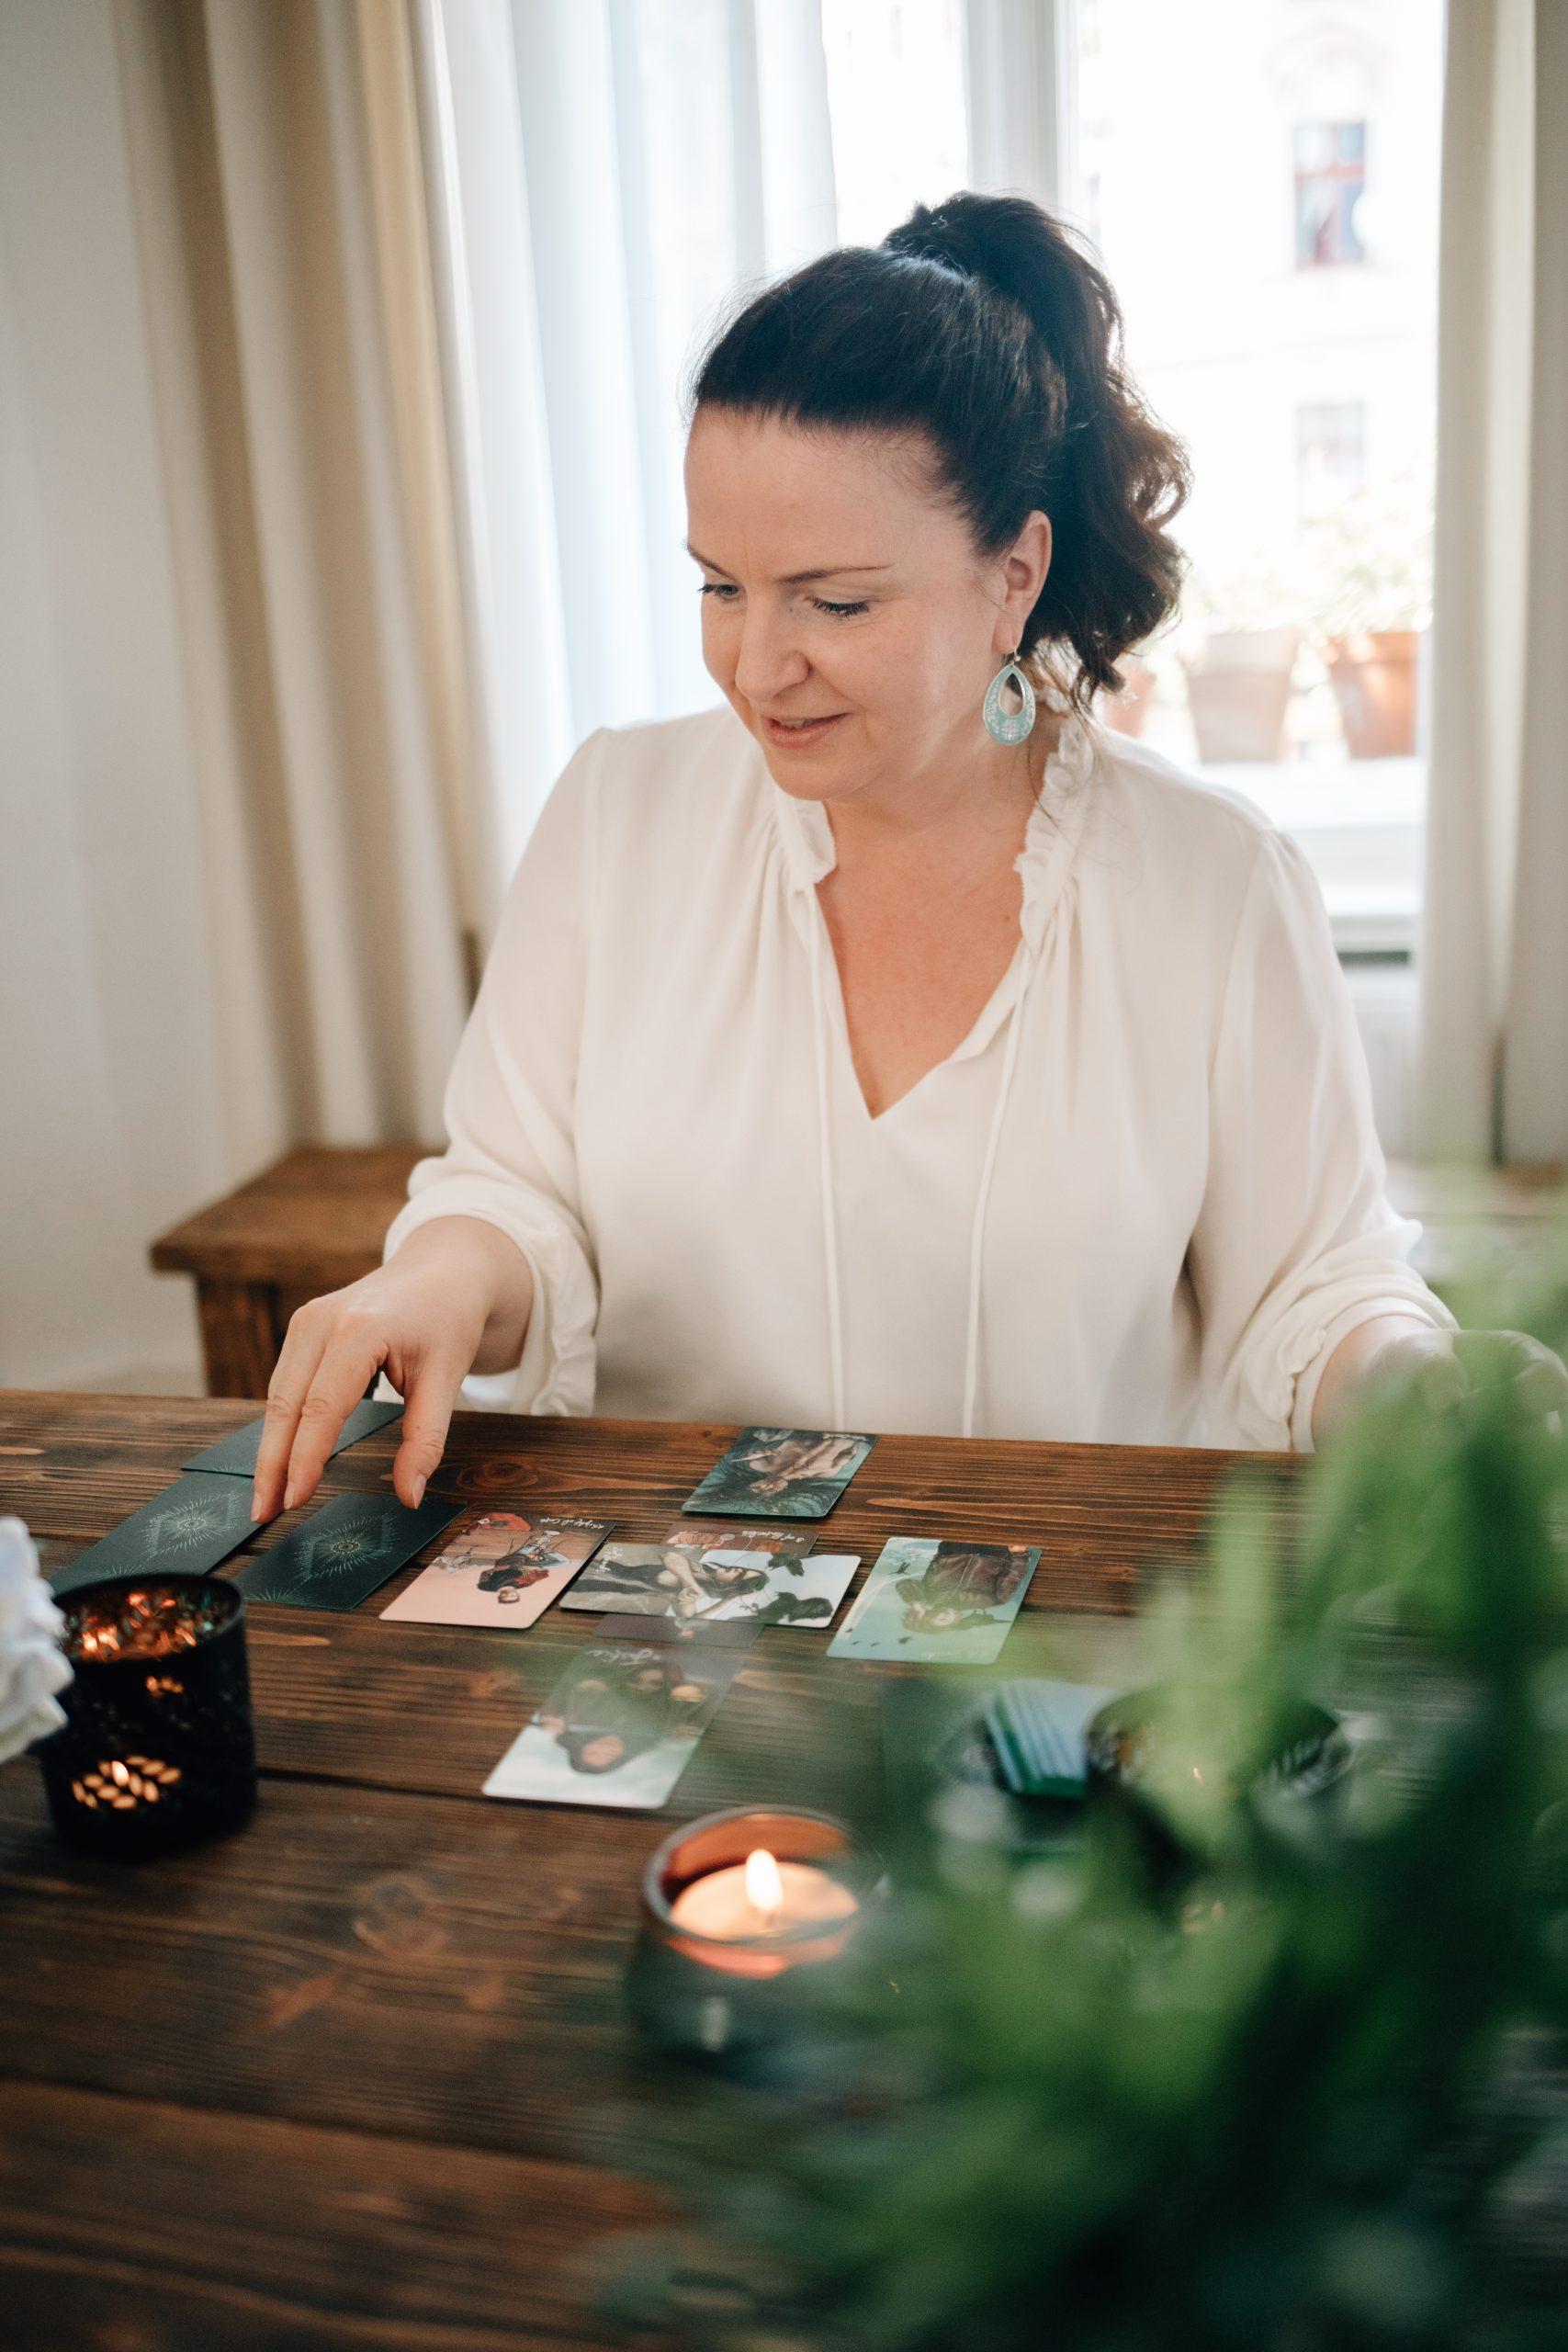 Die Tarotkurse von Doreen Kempa stellen eine Tarotausbildung im Karten-Legen und Karten-Lesen.